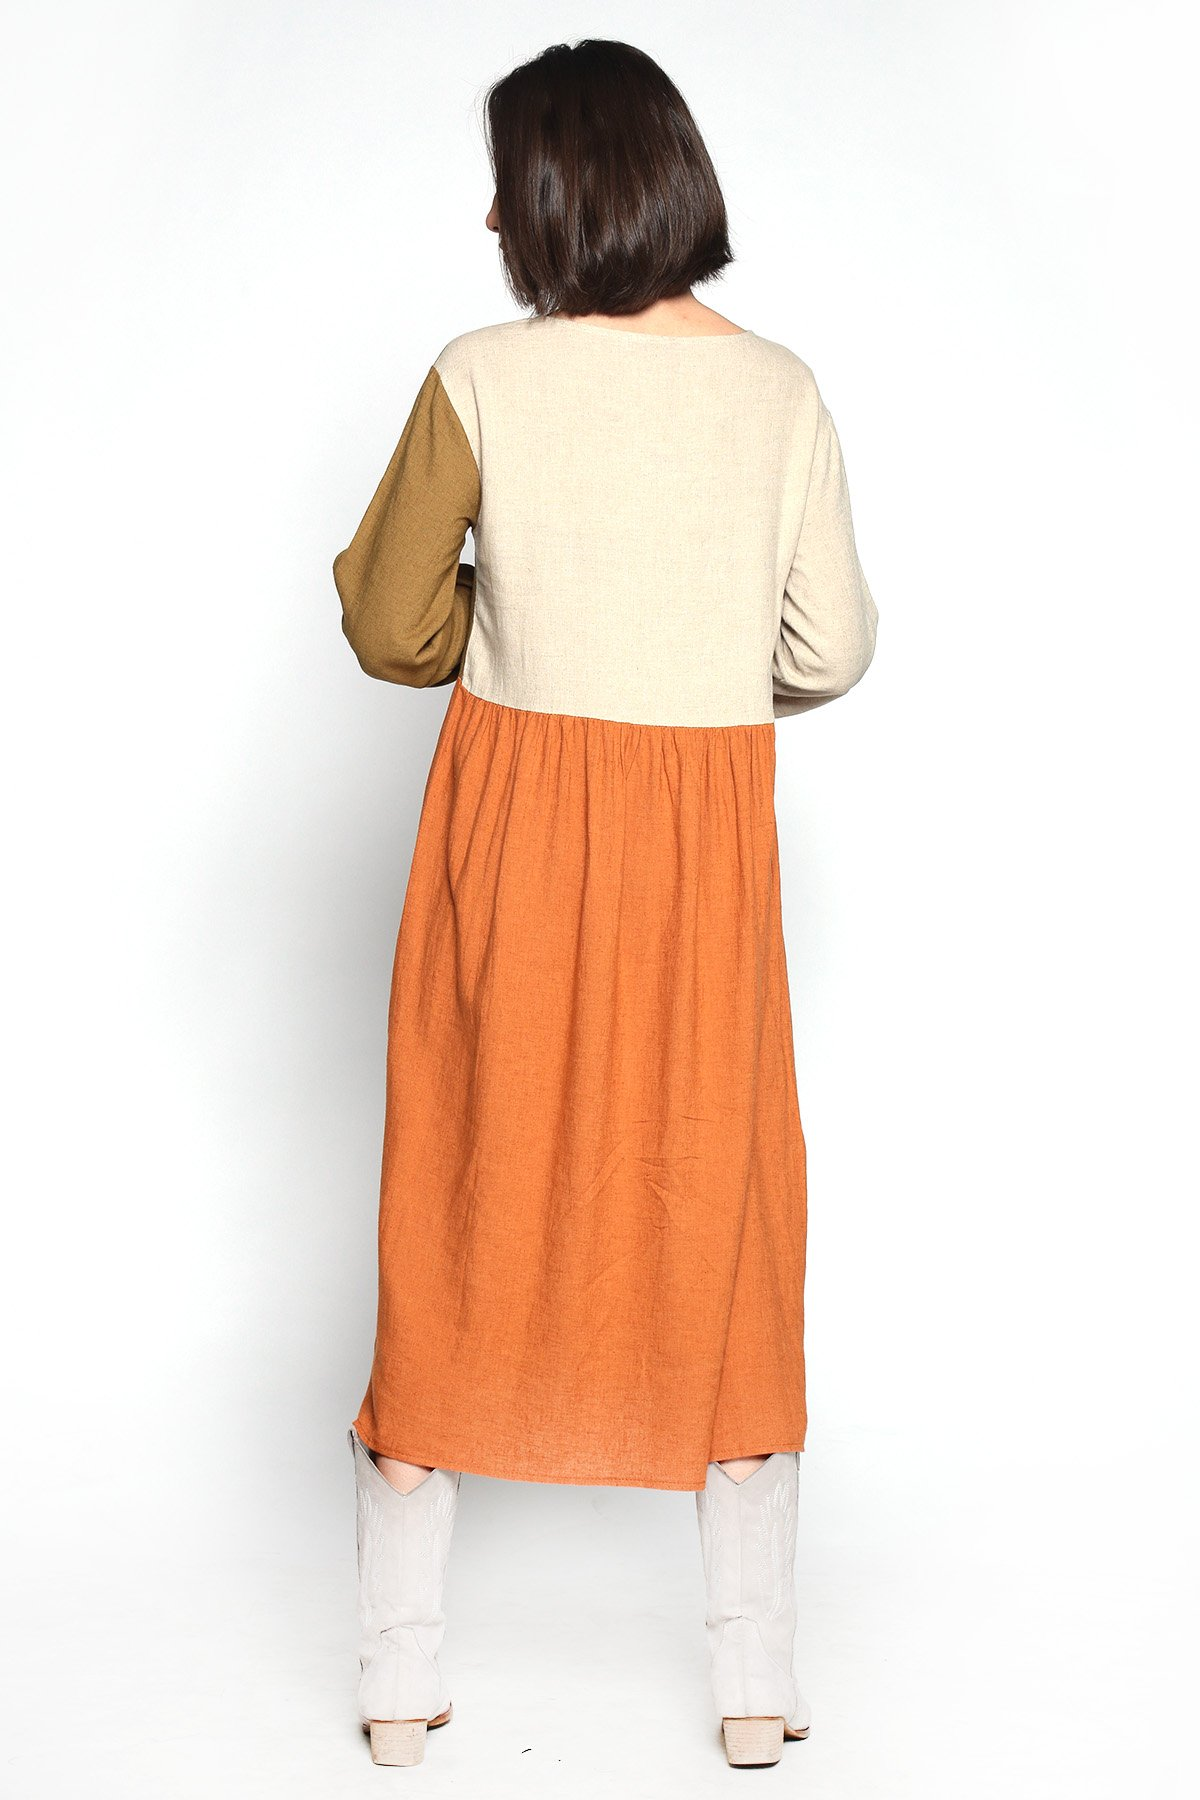 Üç Renk Keten Elbise